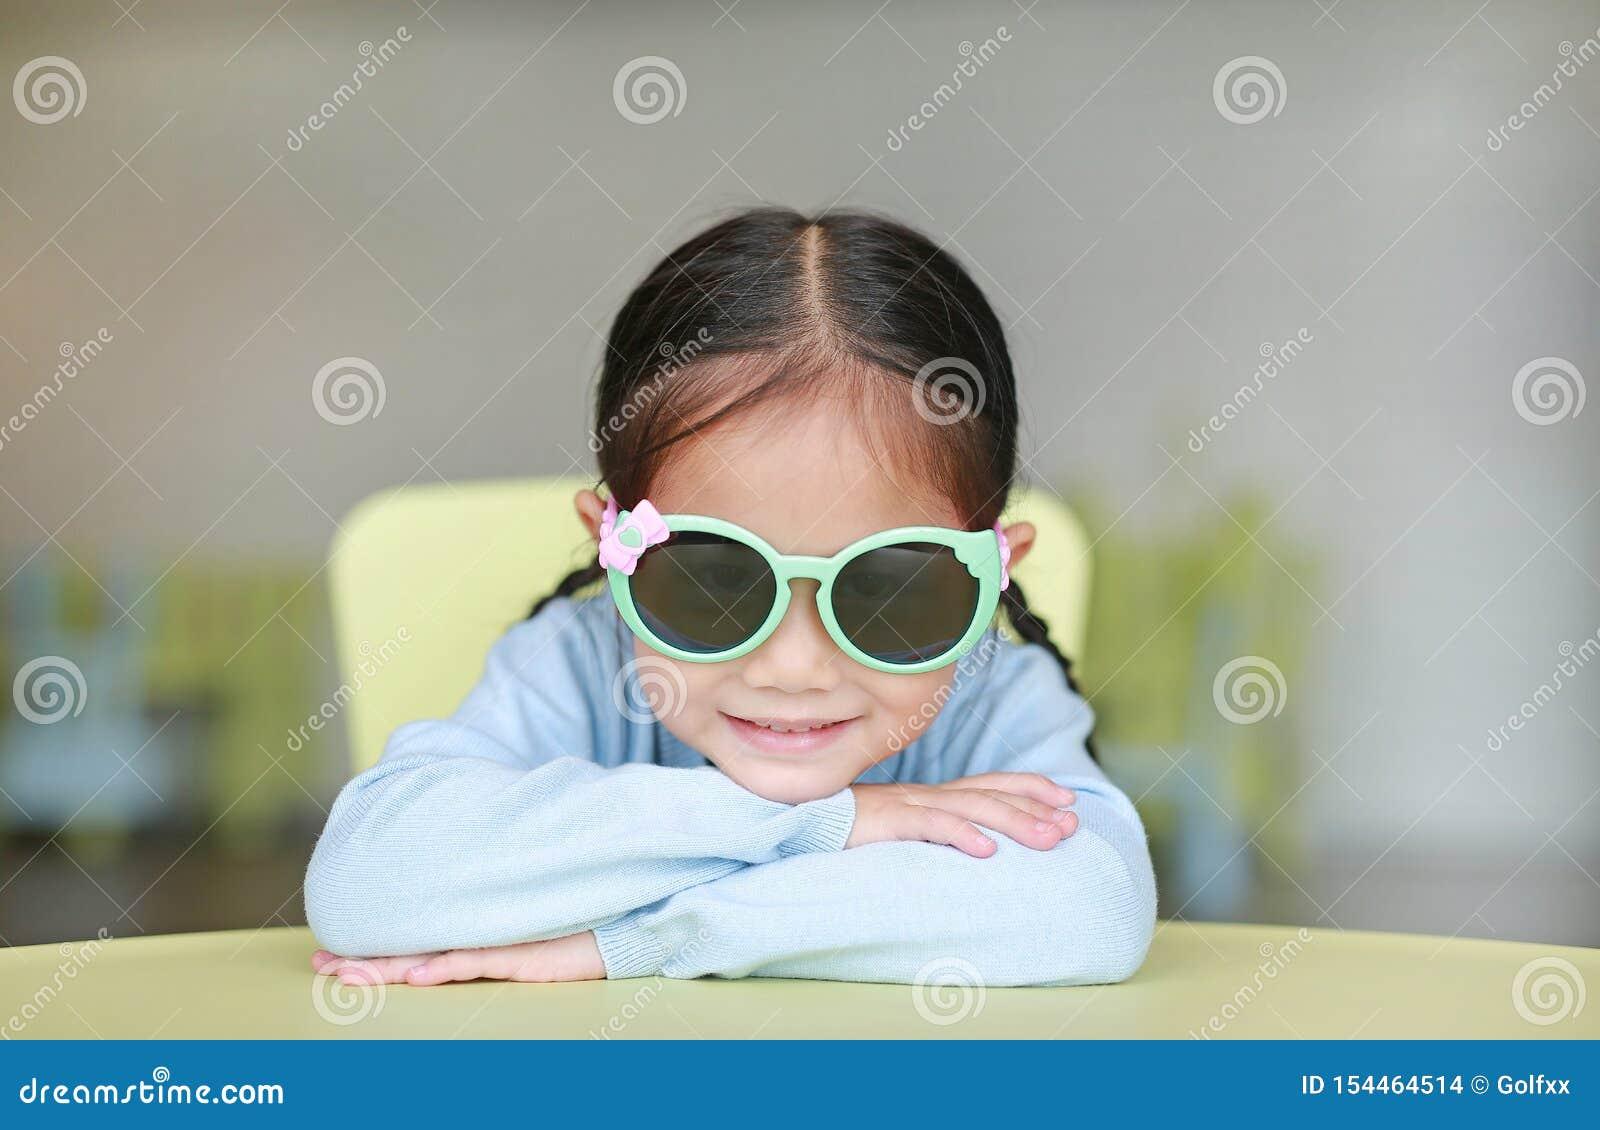 Λατρευτό λίγο ασιατικό κορίτσι παιδιών που βάζει στα παιδιά παρουσιάζει τη φθορά των γυαλιών ήλιων με το χαμόγελο και την εξέταση